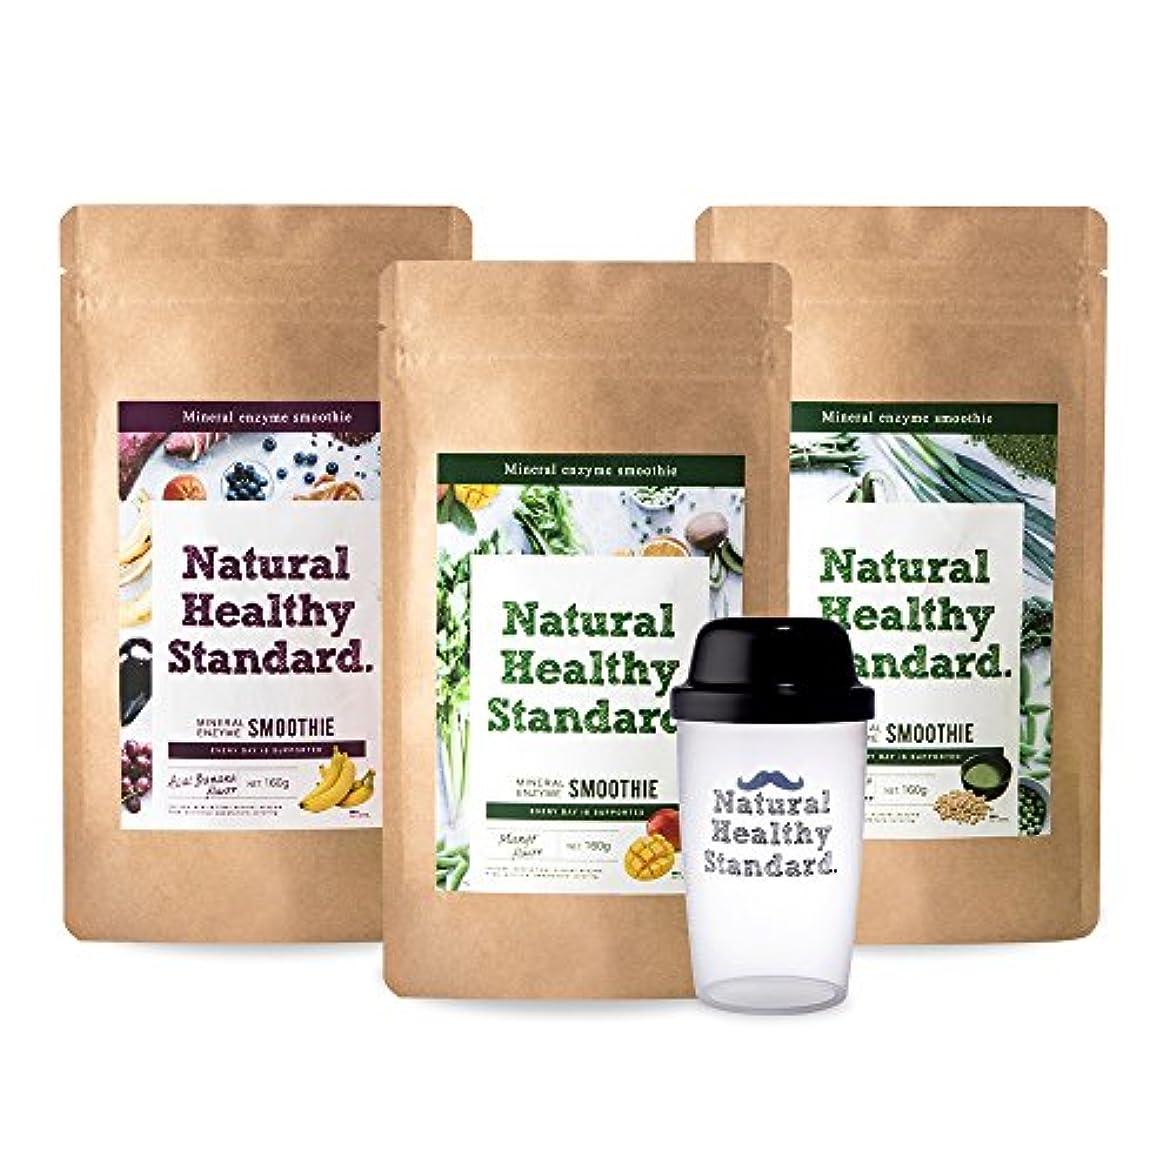 カリキュラム乱暴な大使館Natural Healthy Standard. 選べるスムージー3袋セット マンゴー 豆乳抹茶 アサイーバナナ 160g×3袋